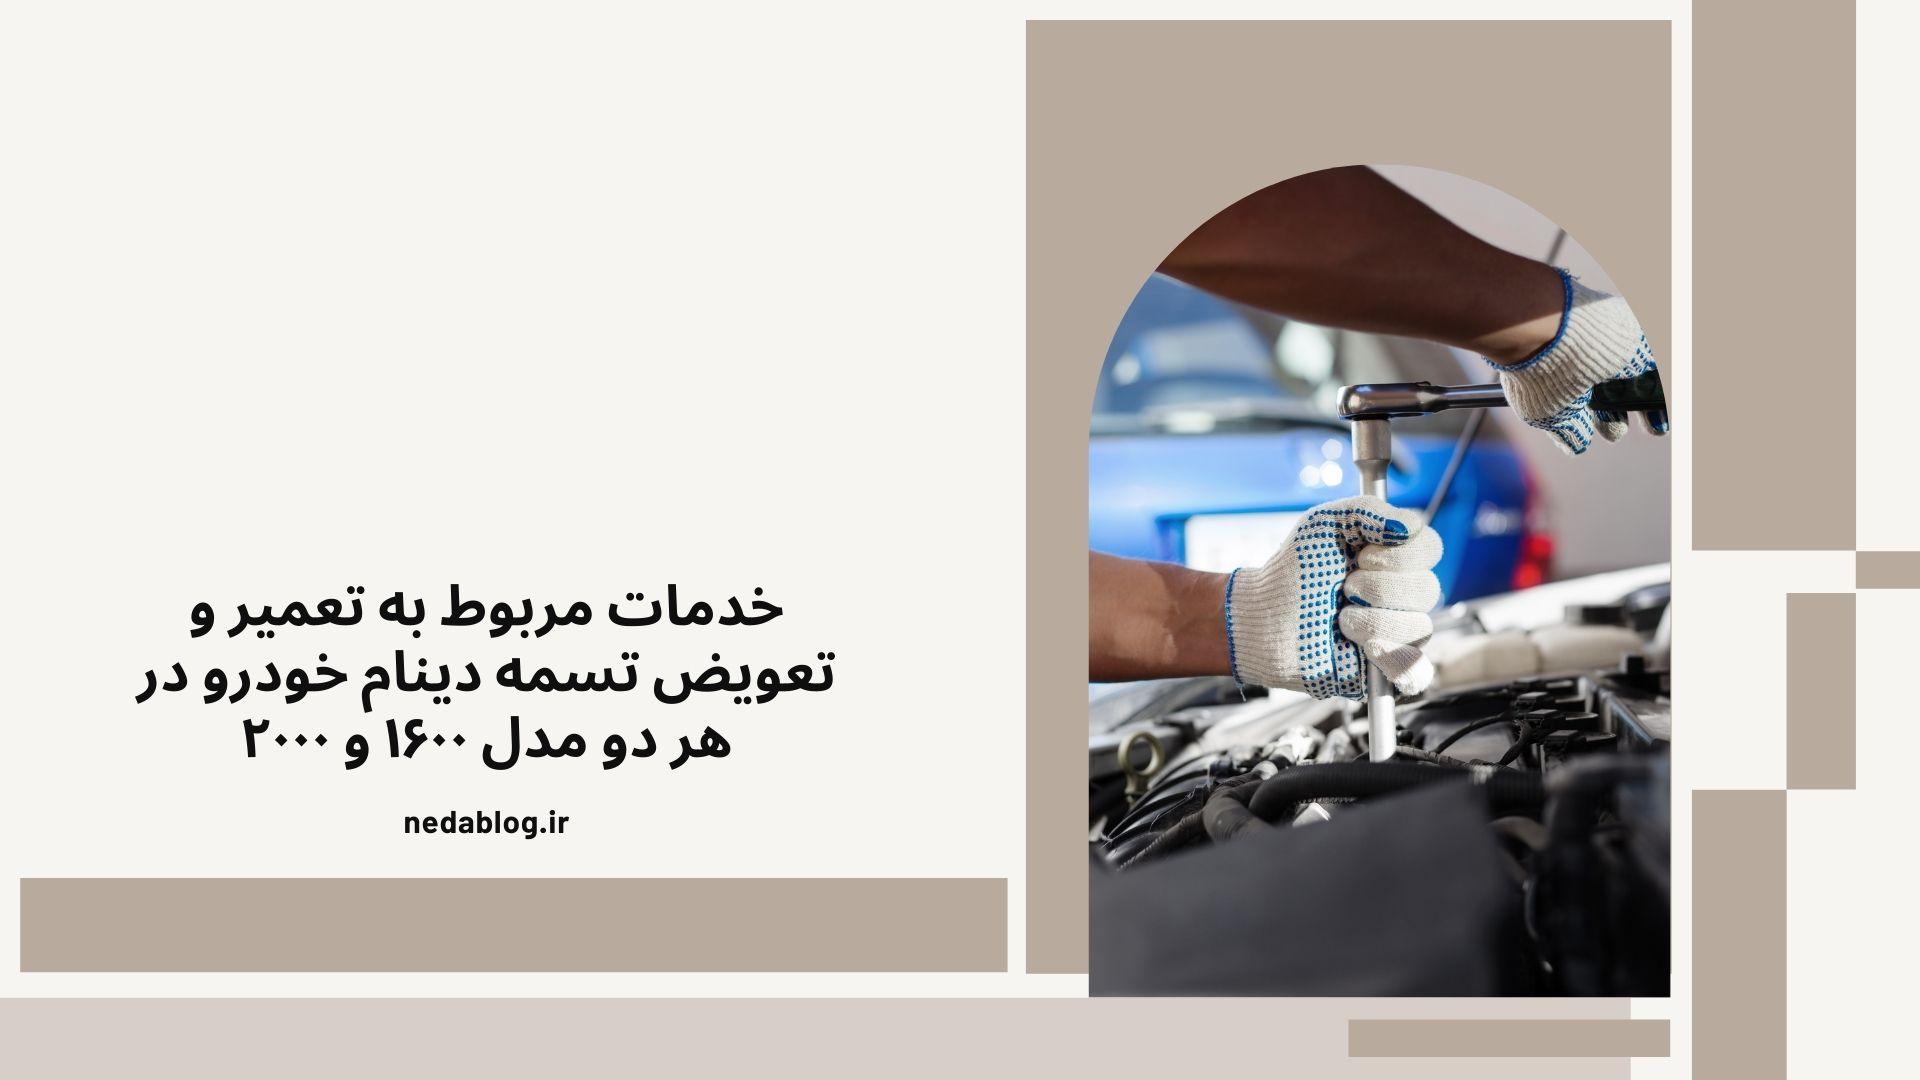 خدمات مربوط به تعمیر و تعویض تسمه دینام خودرو در هر دو مدل ۱۶۰۰ و ۲۰۰۰